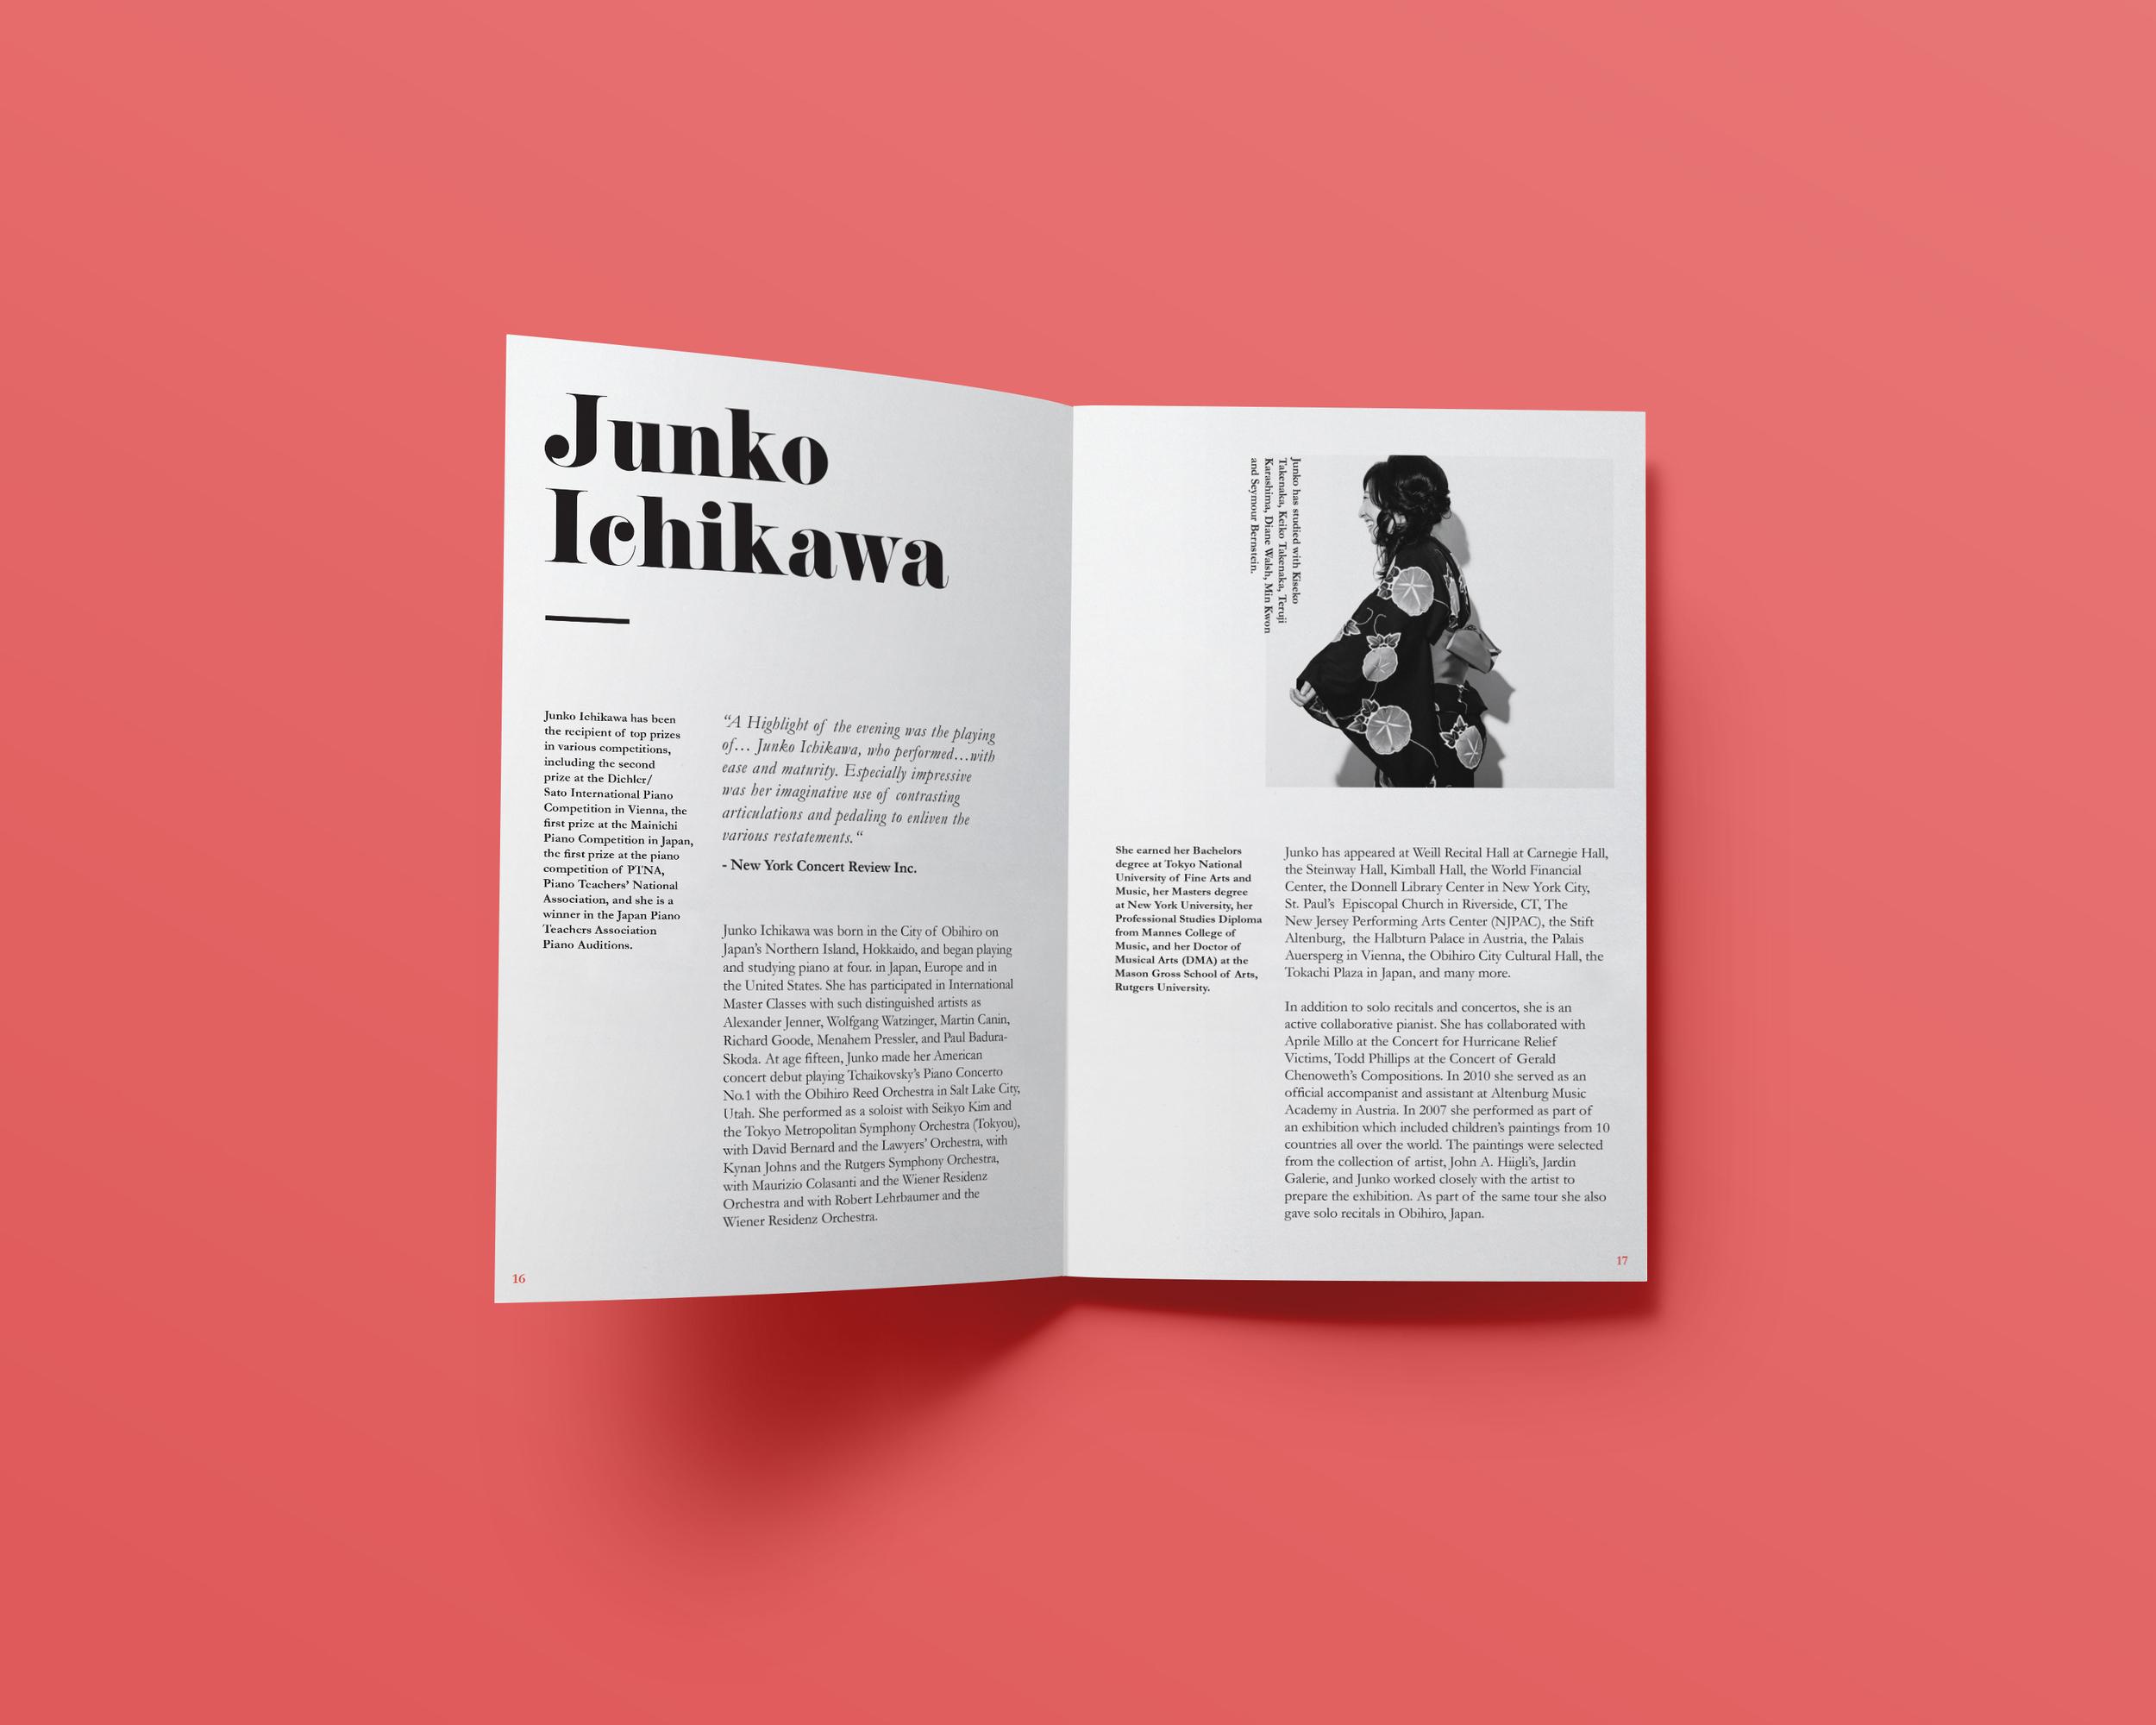 Studio_Bloq-Junko_Ichikawa_Carnegie_Hall-3.jpg